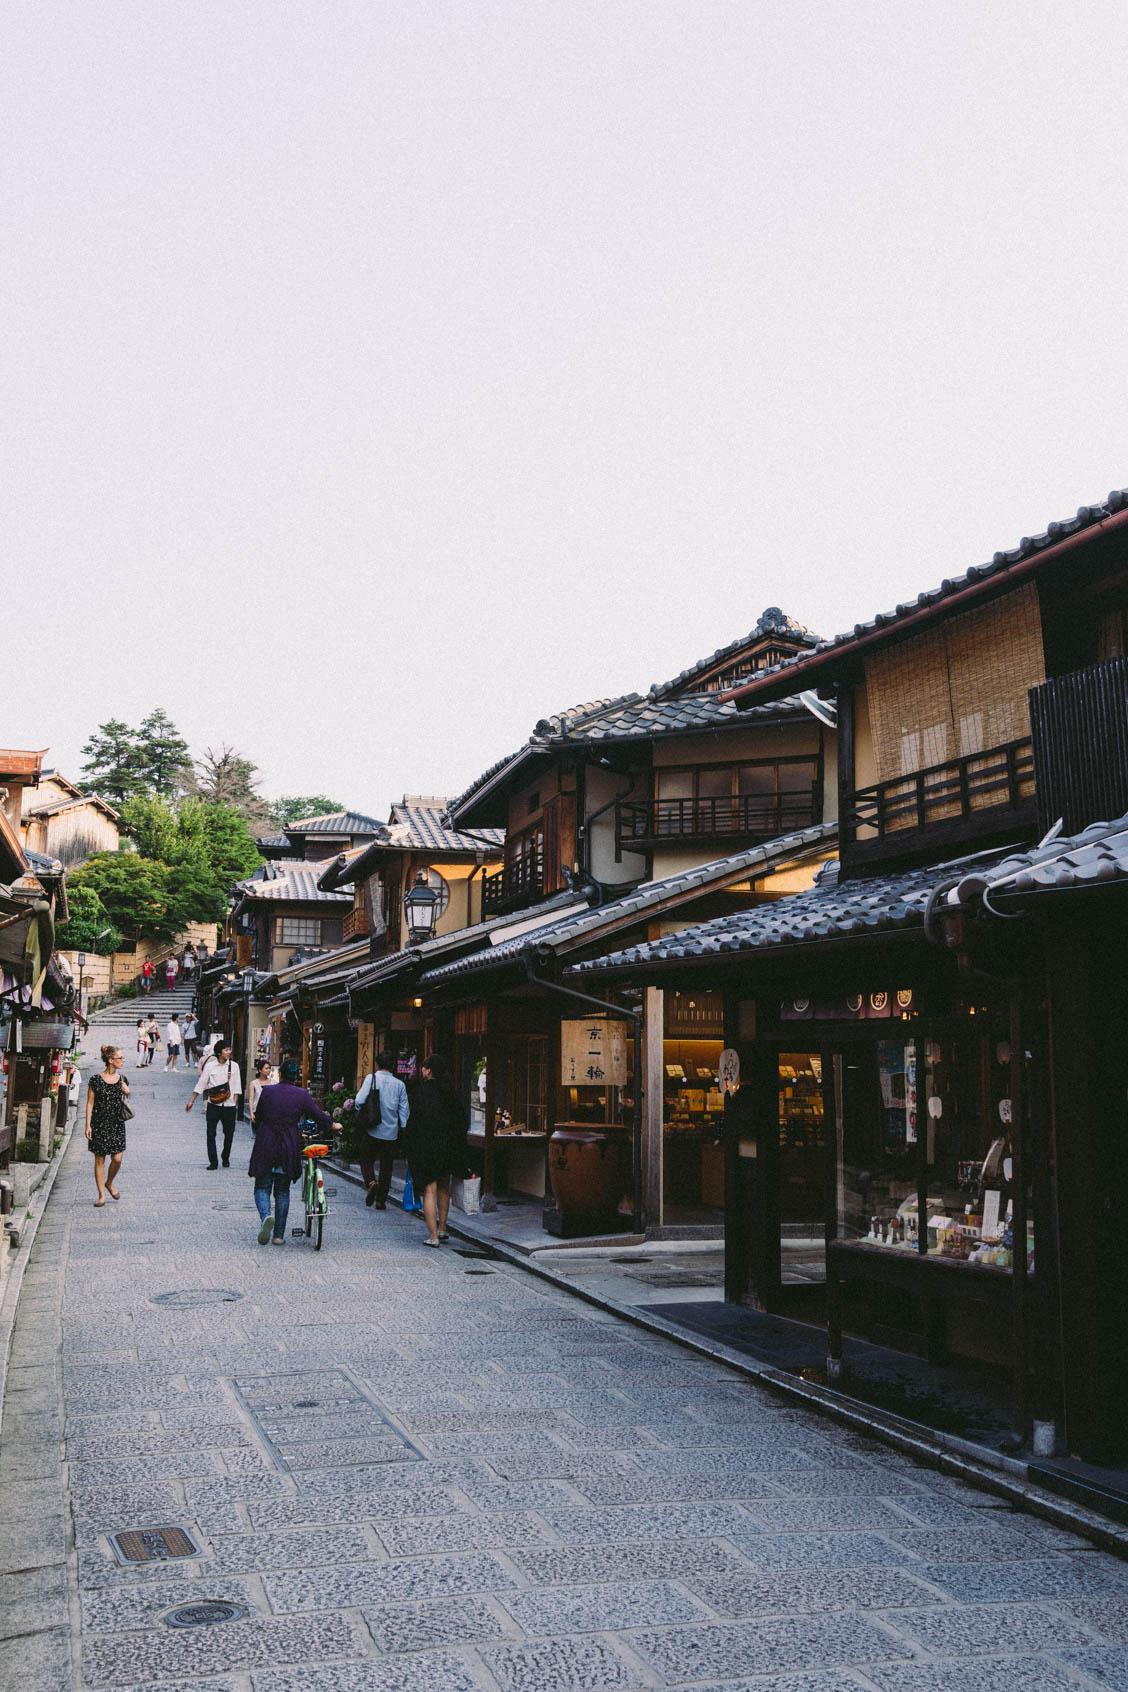 mutelife.com photo